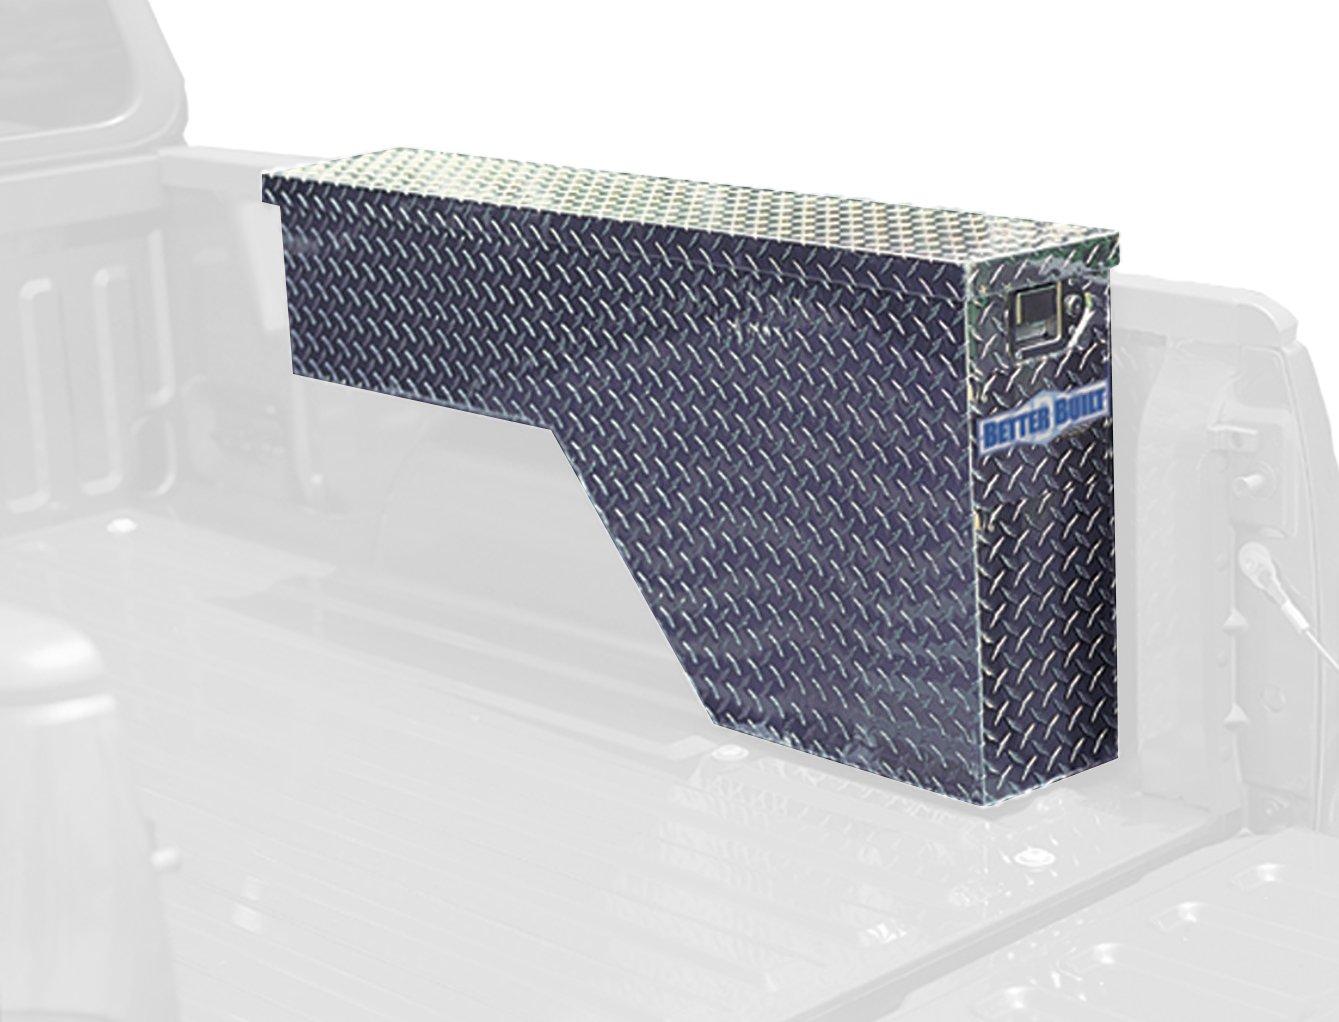 Better Built 68012344 Truck Tool Box, 48' x 18' x 8' 48 x 18 x 8